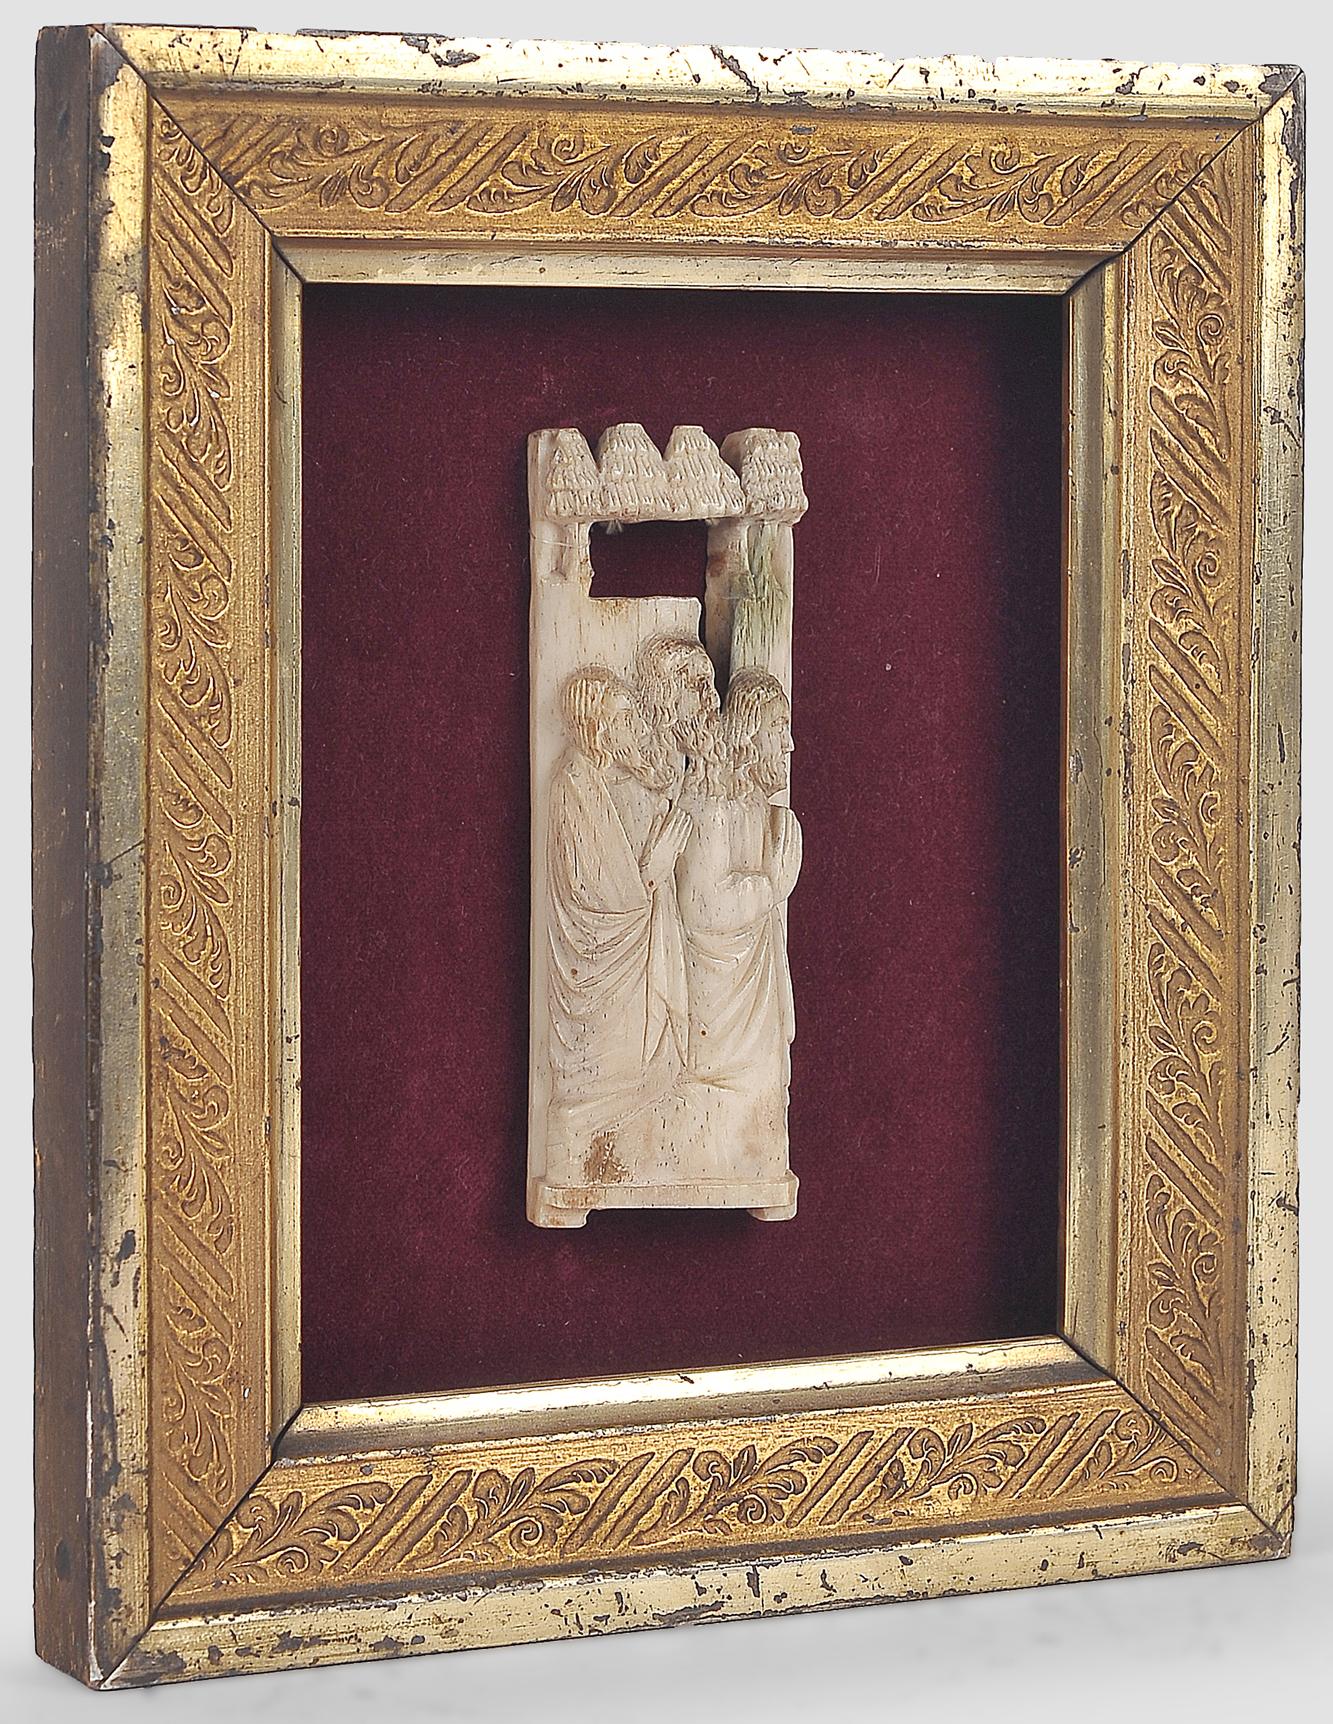 Relief Plakette, Werkstatt der Embriarchi?, um 1400/30 - Image 3 of 4